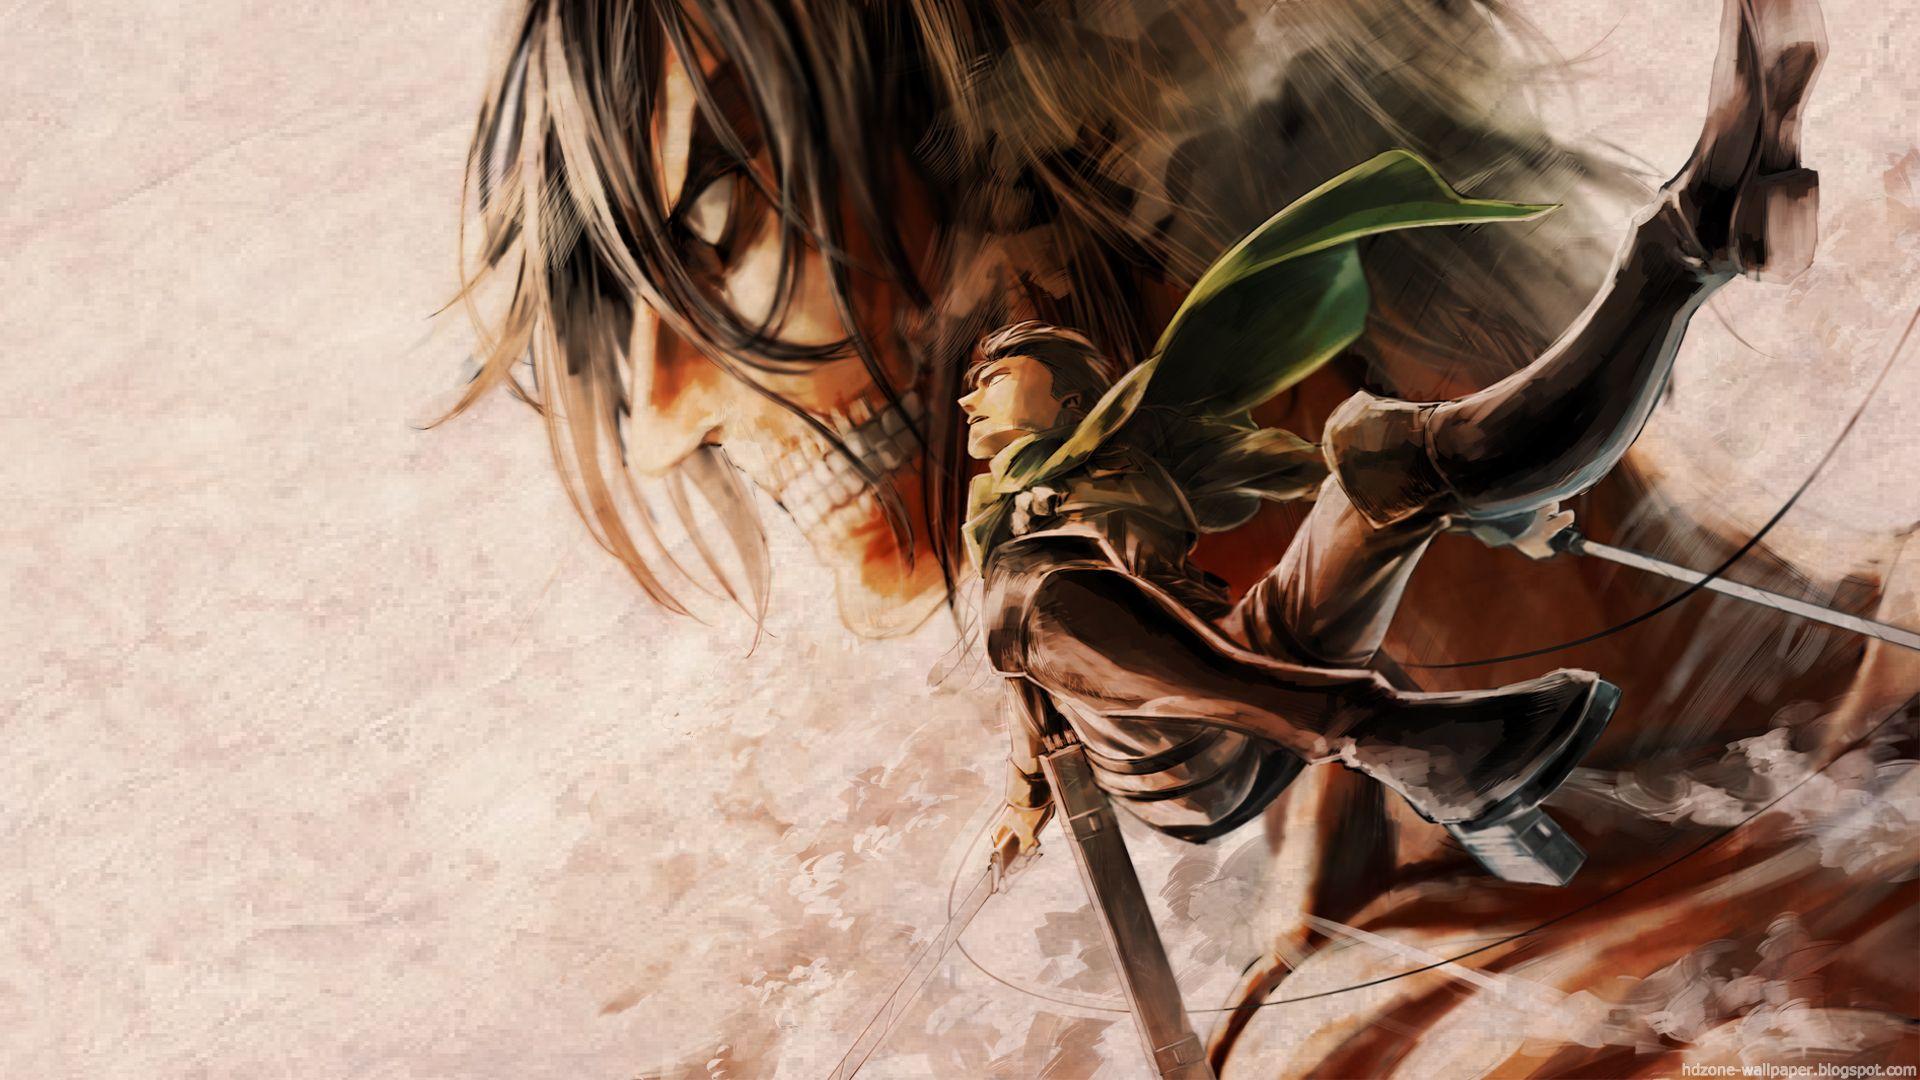 Shingeki No Kyojin Hd Wallpaper Shingeki No Kyojin Titanes Eren Mikasa Attack On Titan Shingeki No Kyojin Anime